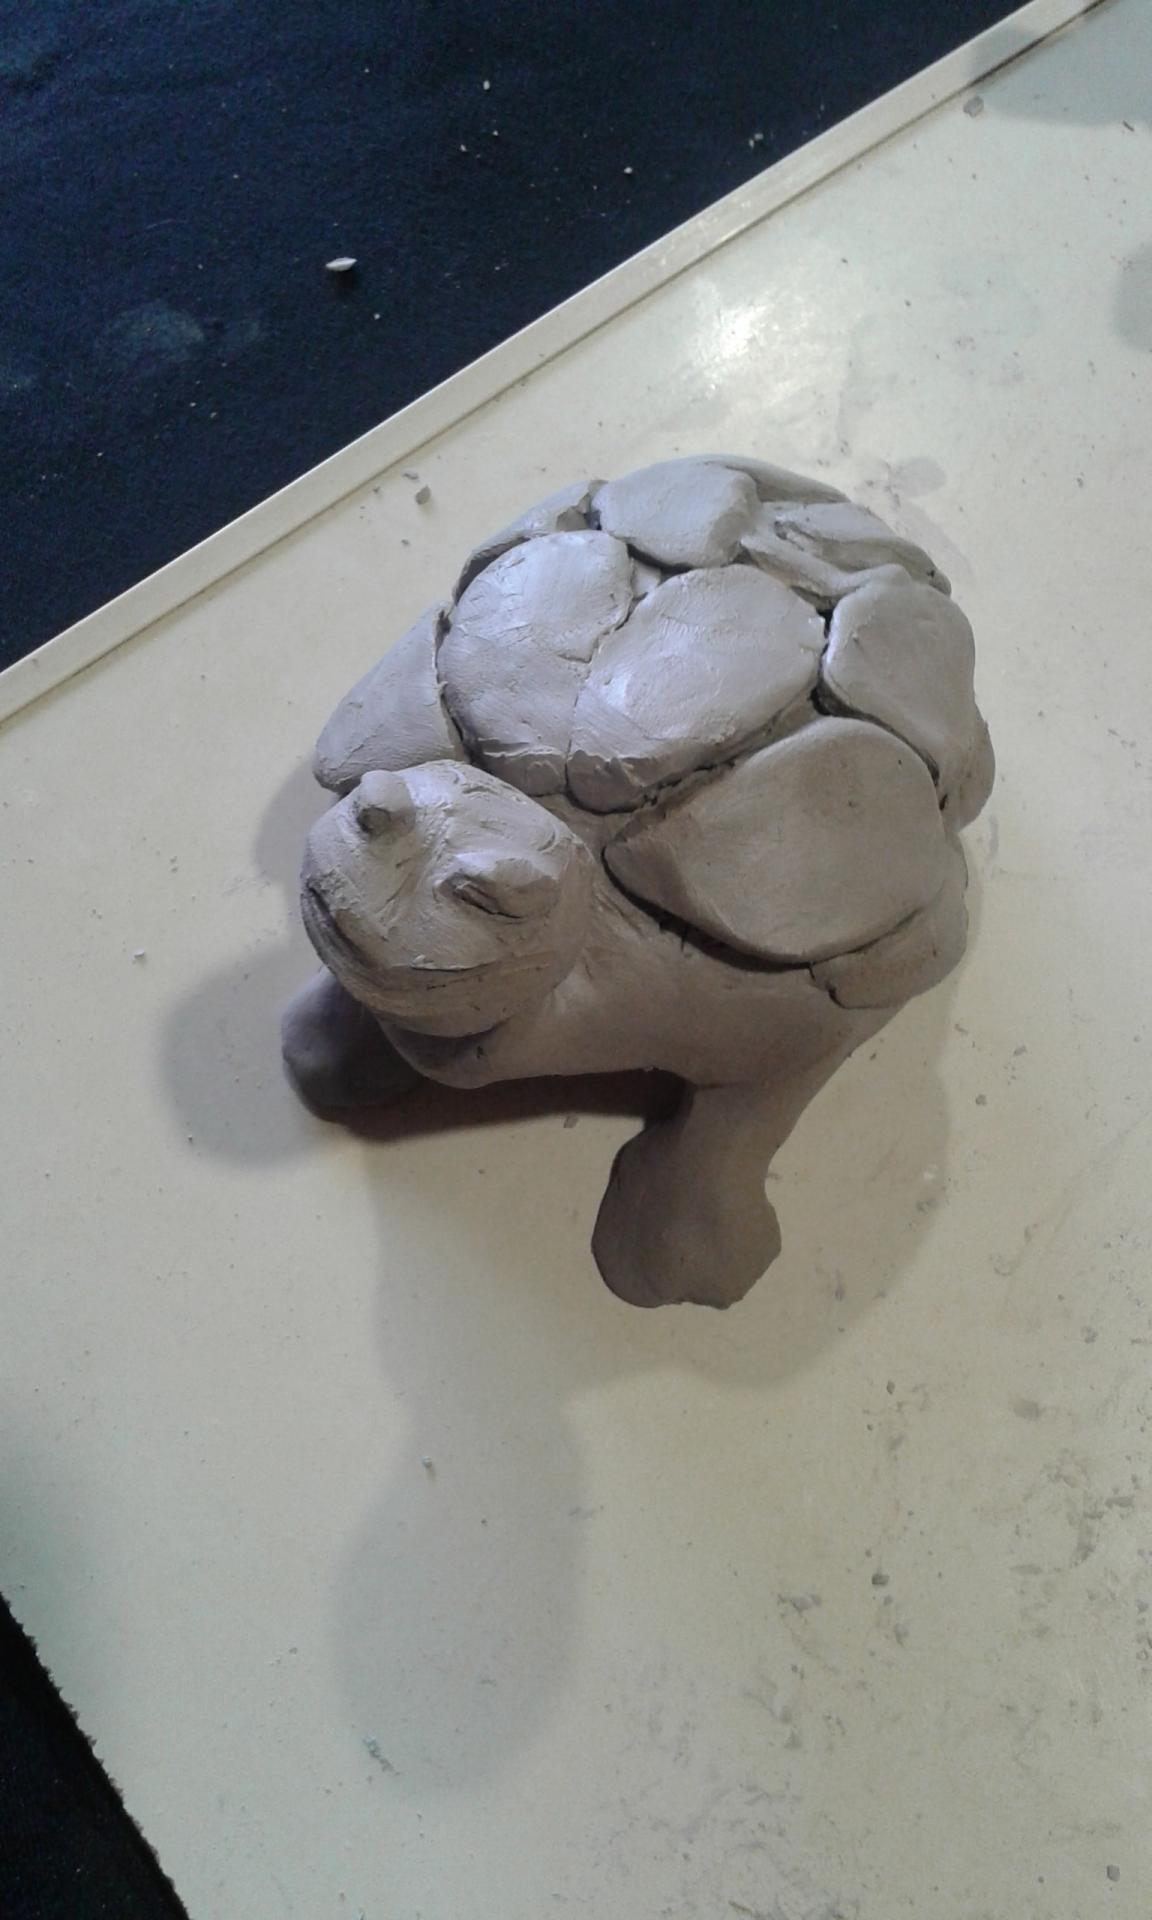 La tortue 2, bien ancrée sur ses pattes